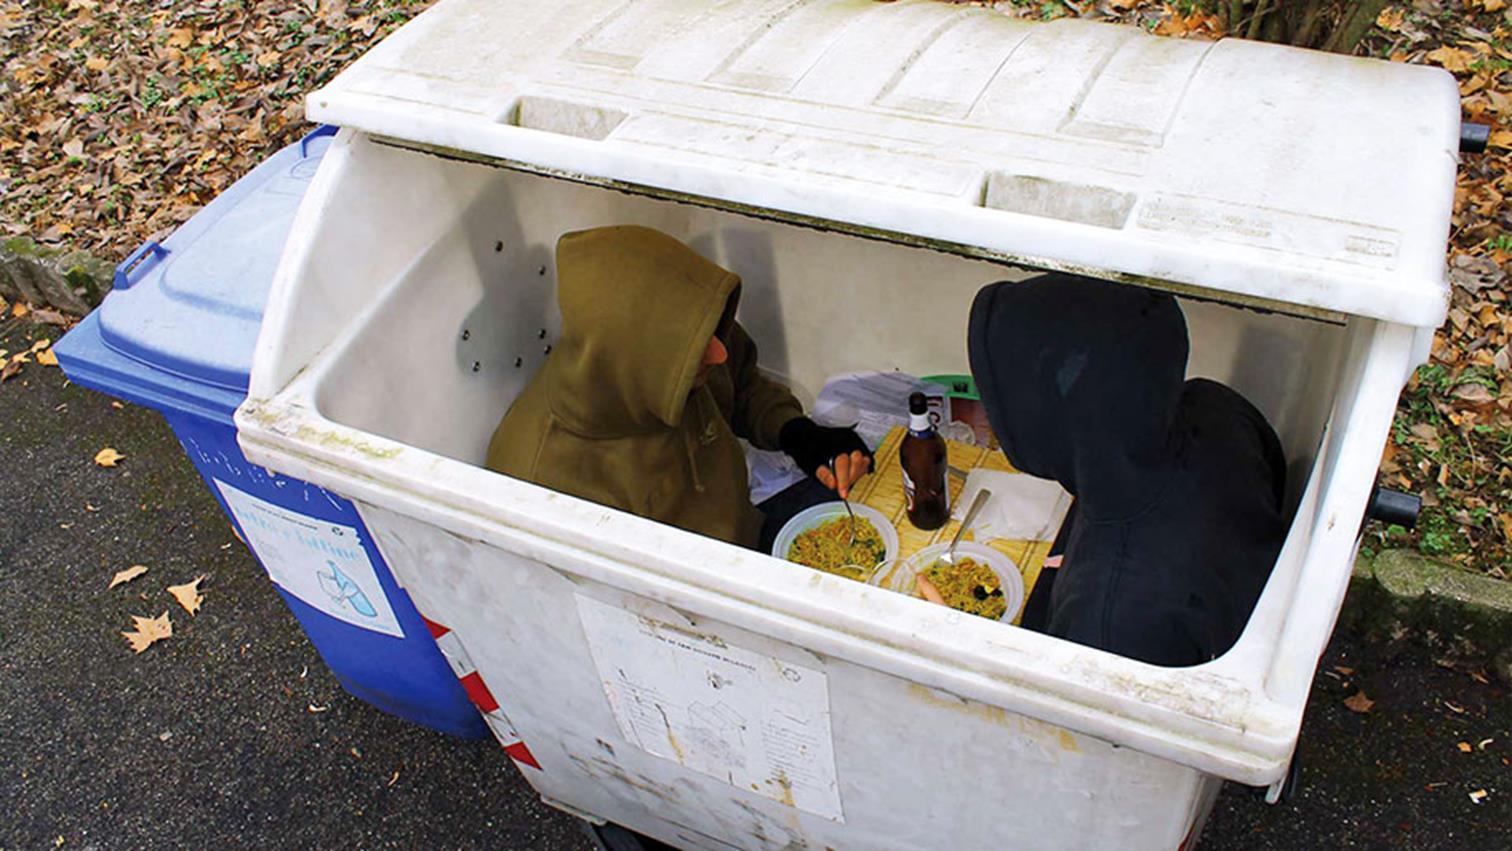 двое едят в мусорном баке